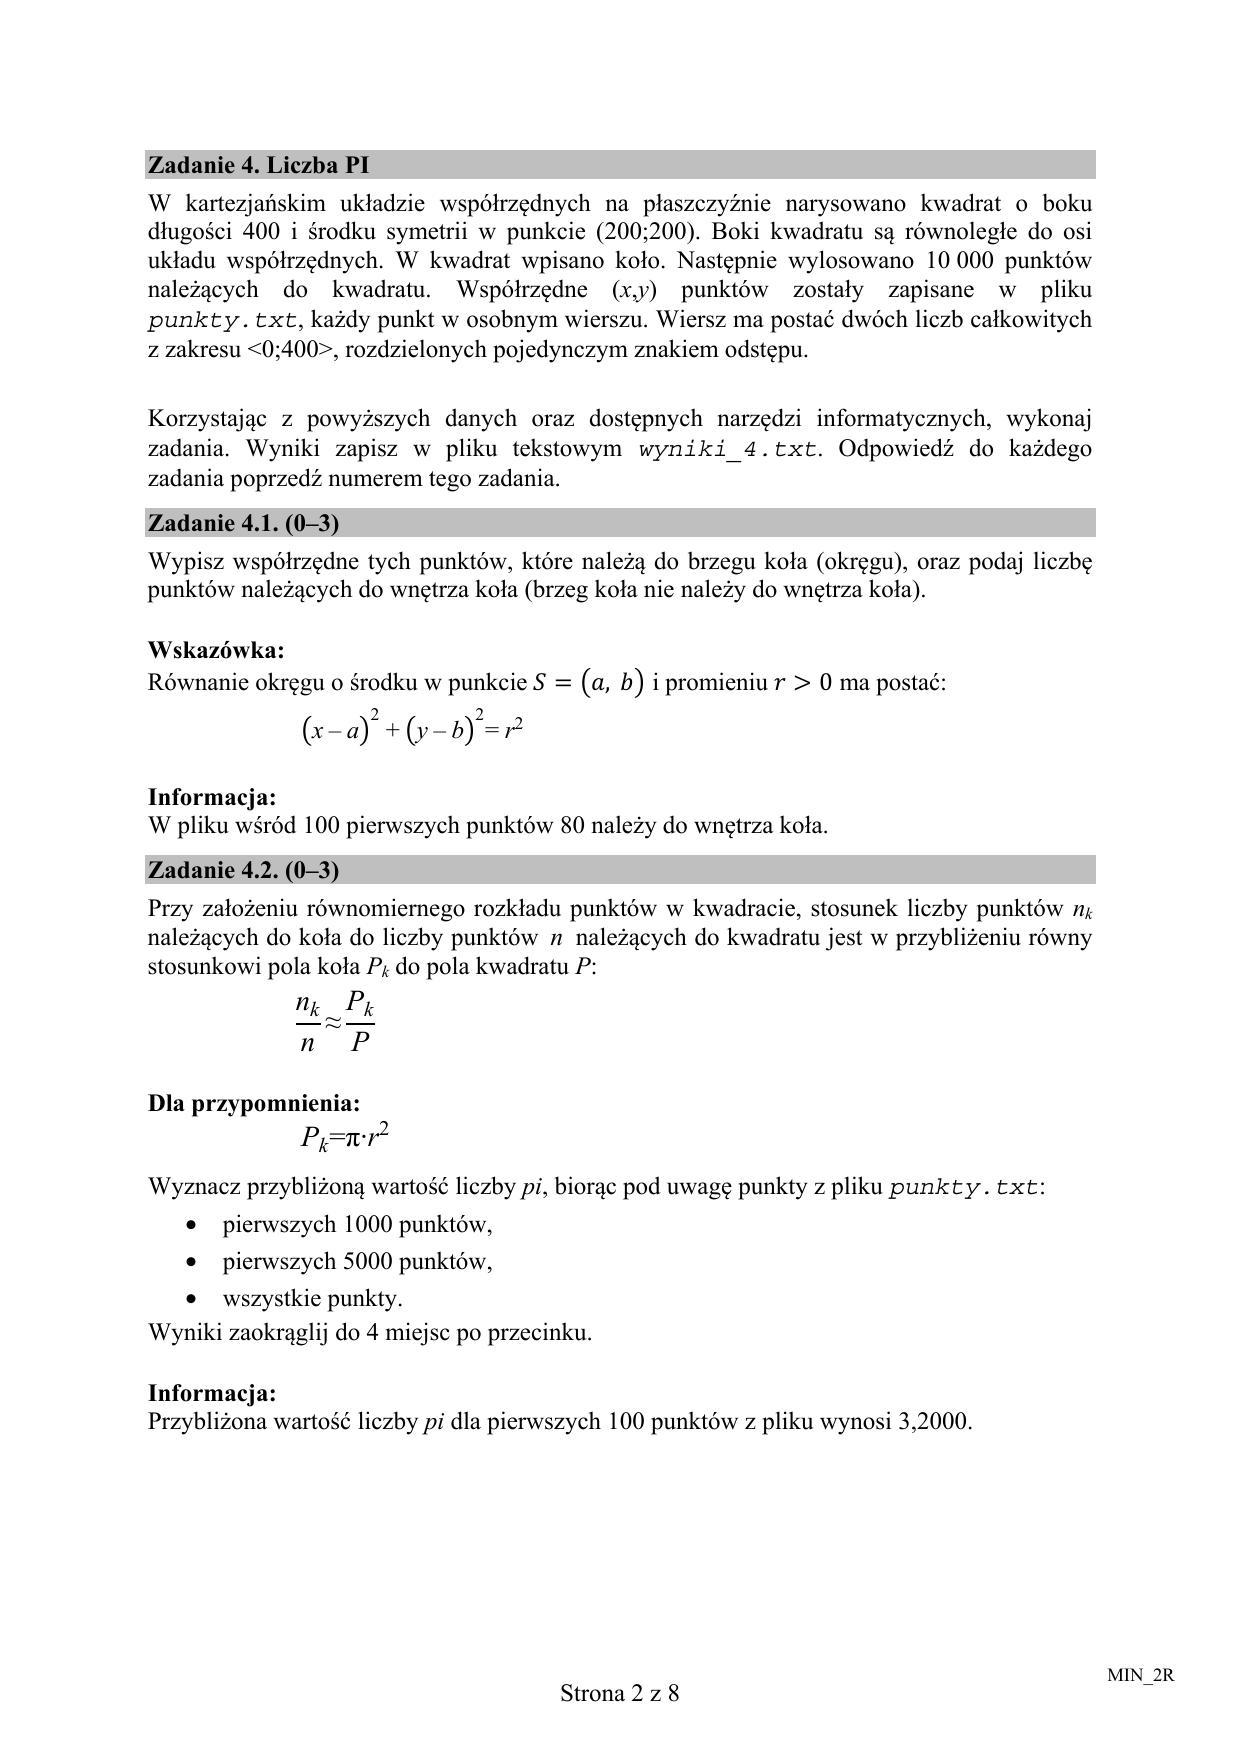 matura 2010 informatyka odpowiedzi